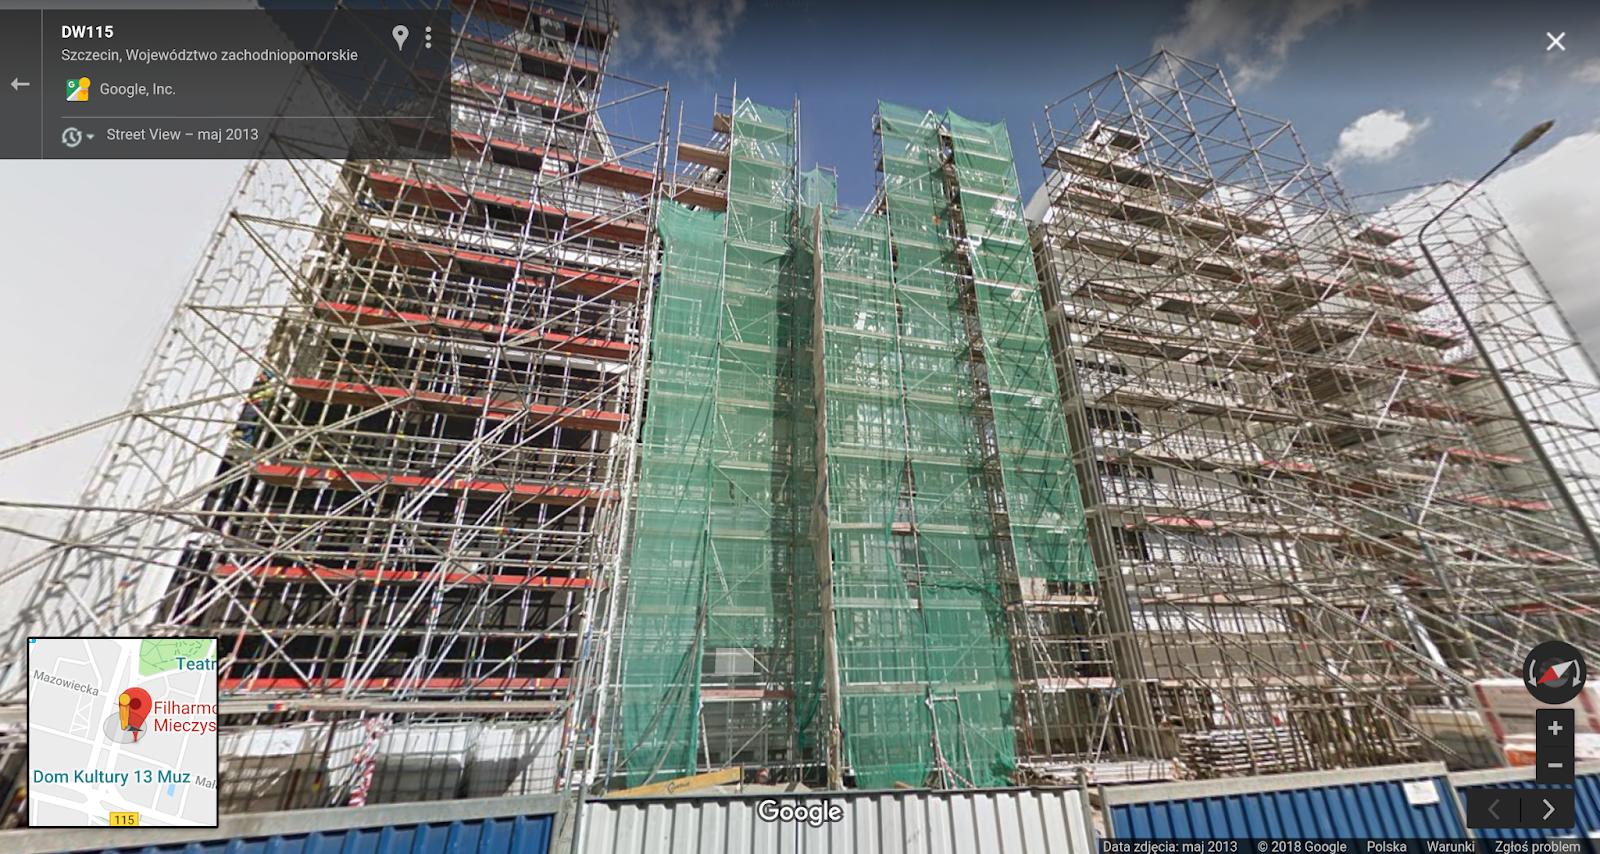 Blog Google Polska Nowe Zdjecia Street View Z Polskich Miast